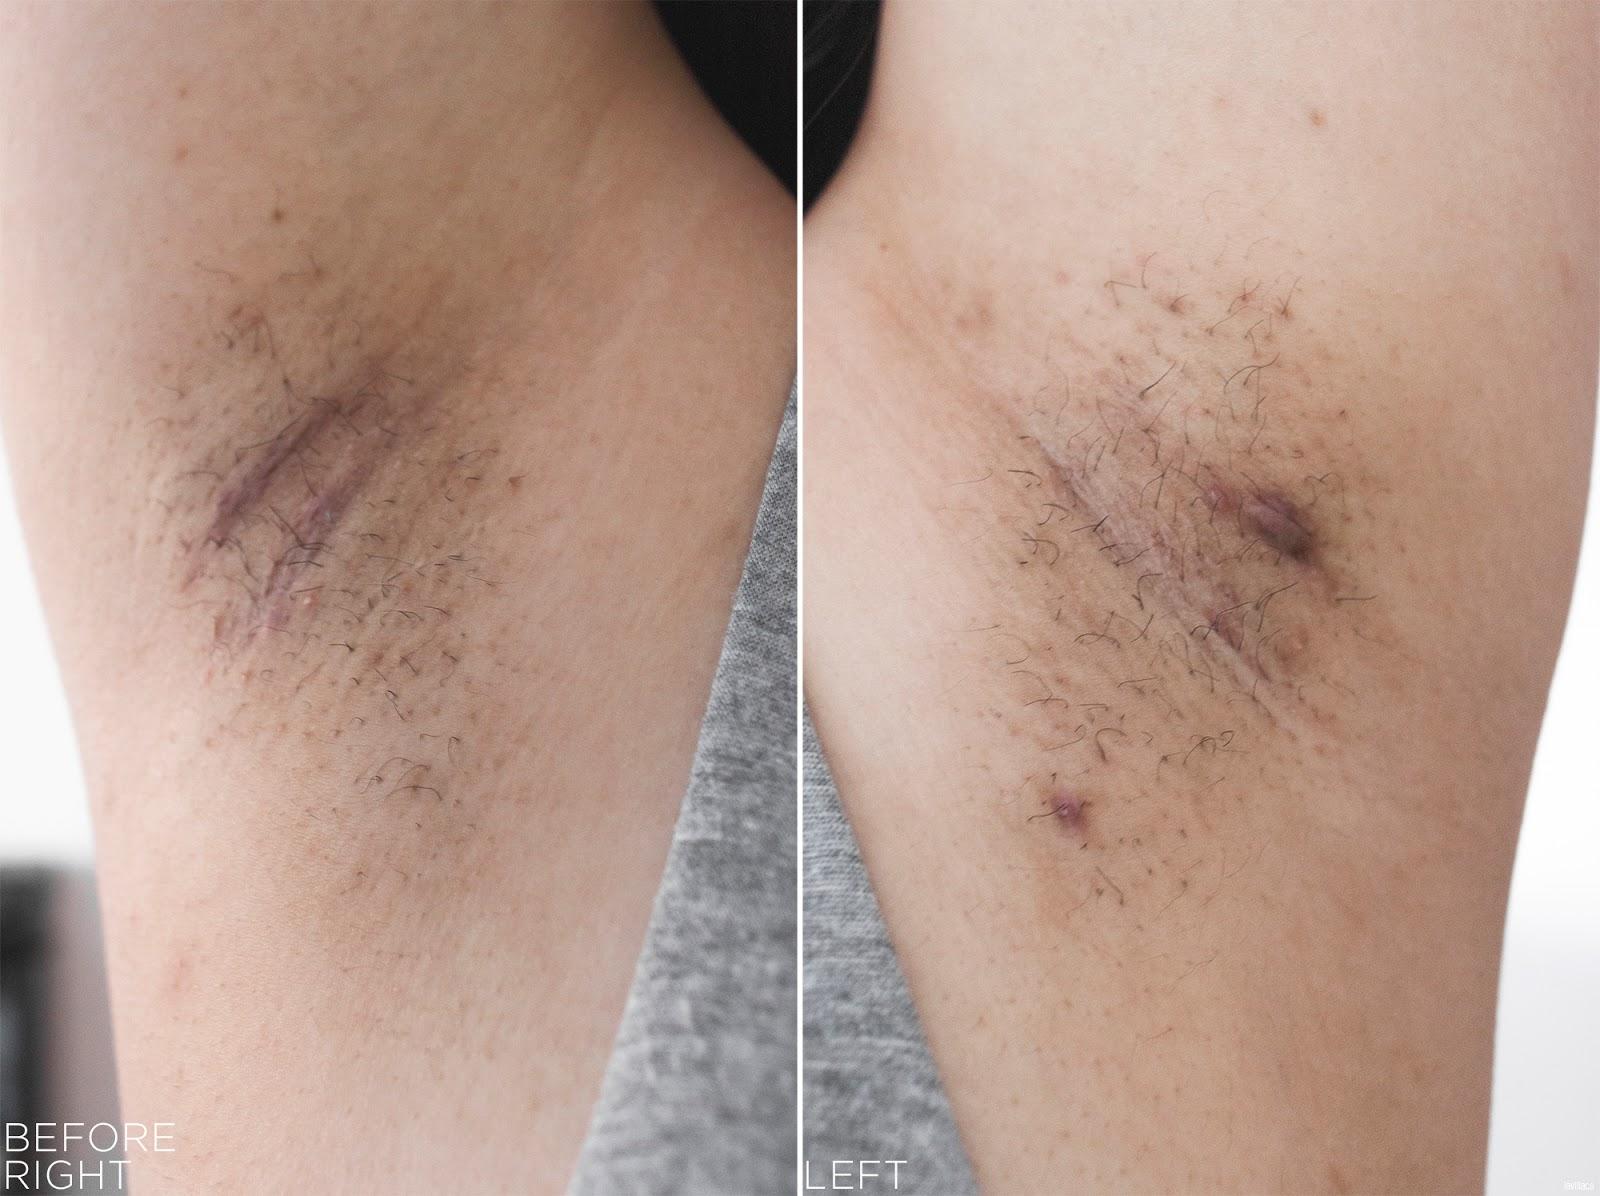 tria Hair Removal Laser Armpits Hair Before